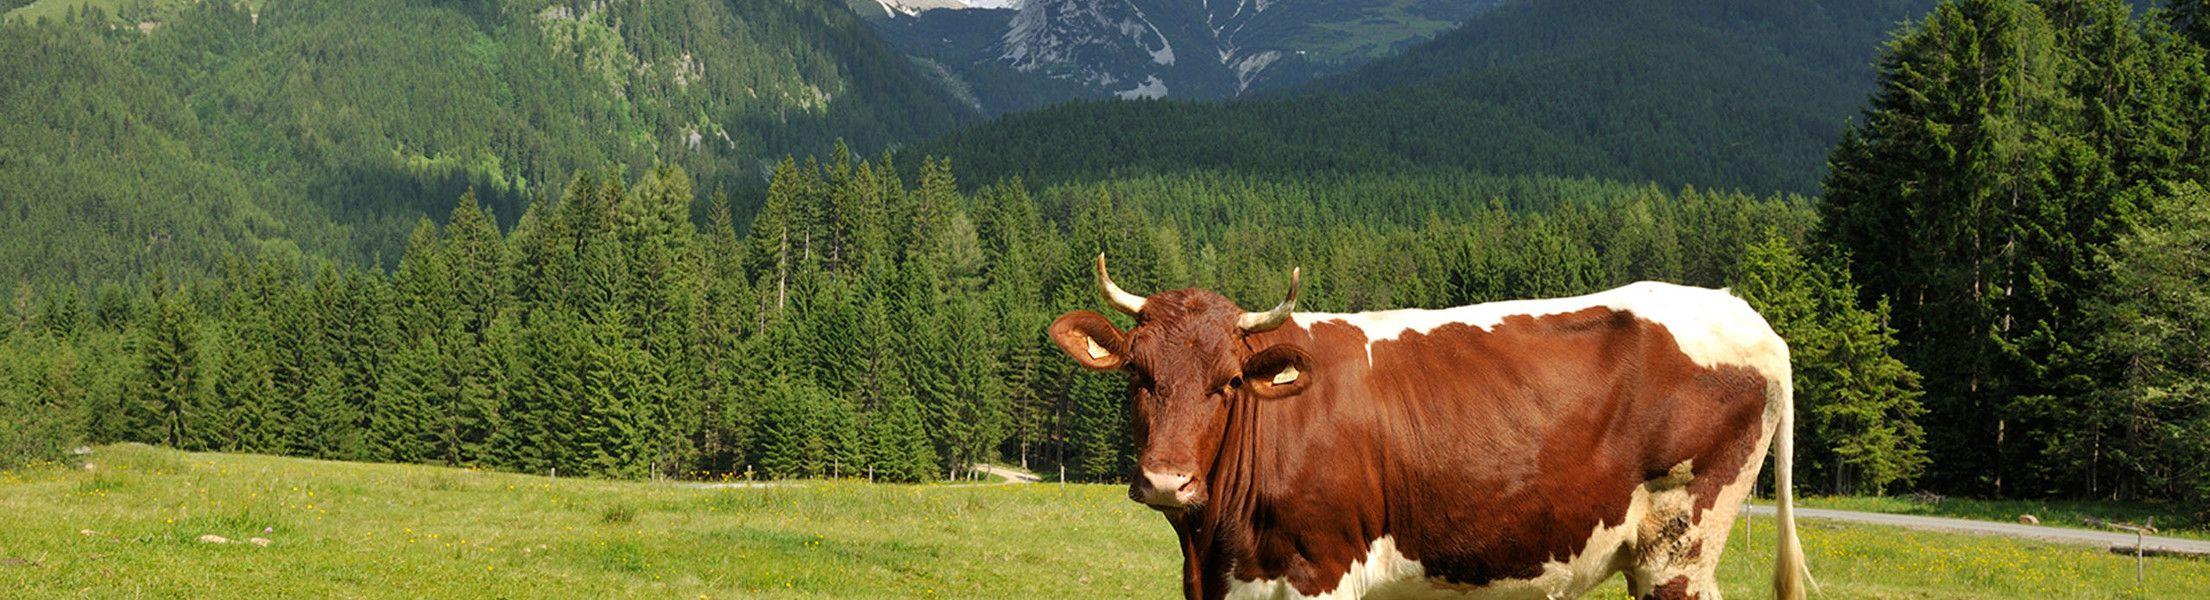 Sommer Wiese im Lammertal mit Kuh